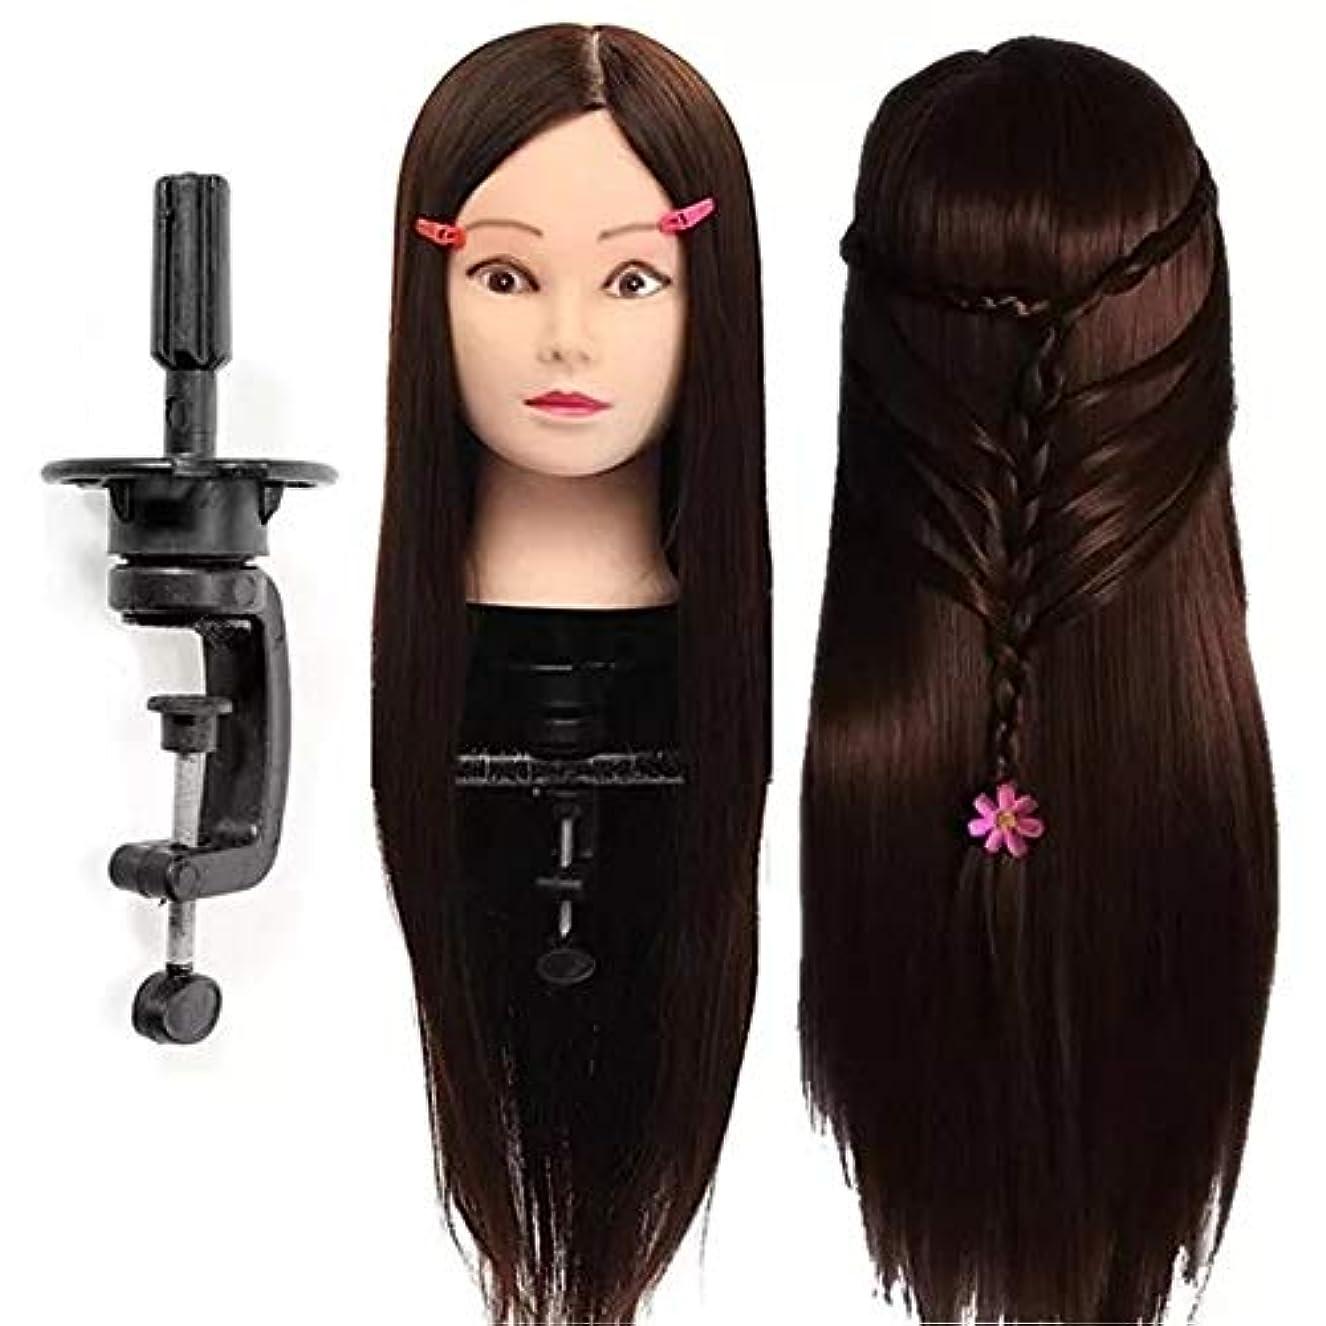 欠如ルー覆すヘアマネキンヘッド 30%の本物の人間の髪の毛理髪トレーニングマネキンダークブラウンの練習ヘッドクランプサロン専門職 ヘア理髪トレーニングモデル付き (色 : Dark Brown Hair, サイズ : 26